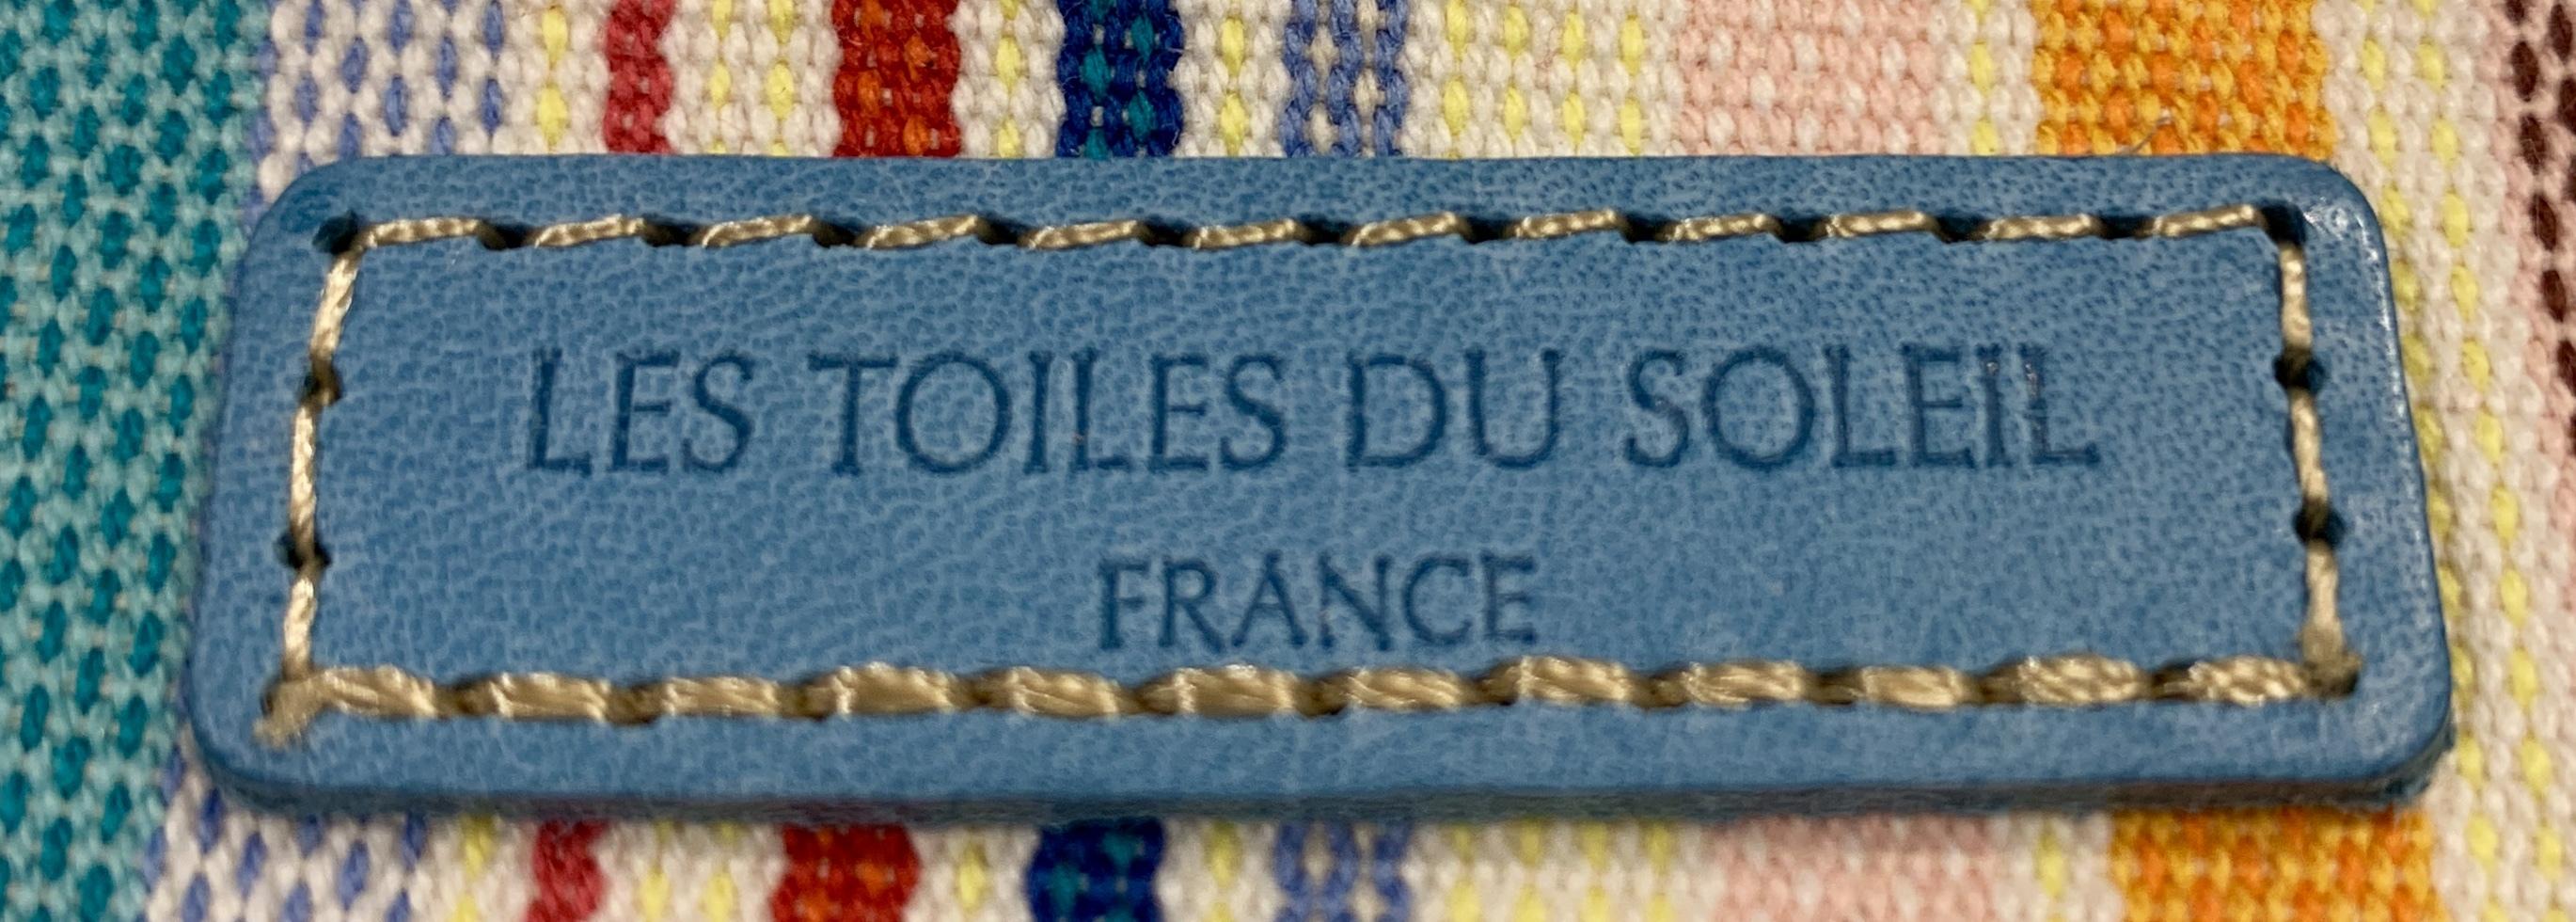 【LES TOILES DU SOLEIL】レザーミニウォレット Vieira Blanc Jaune ブルー